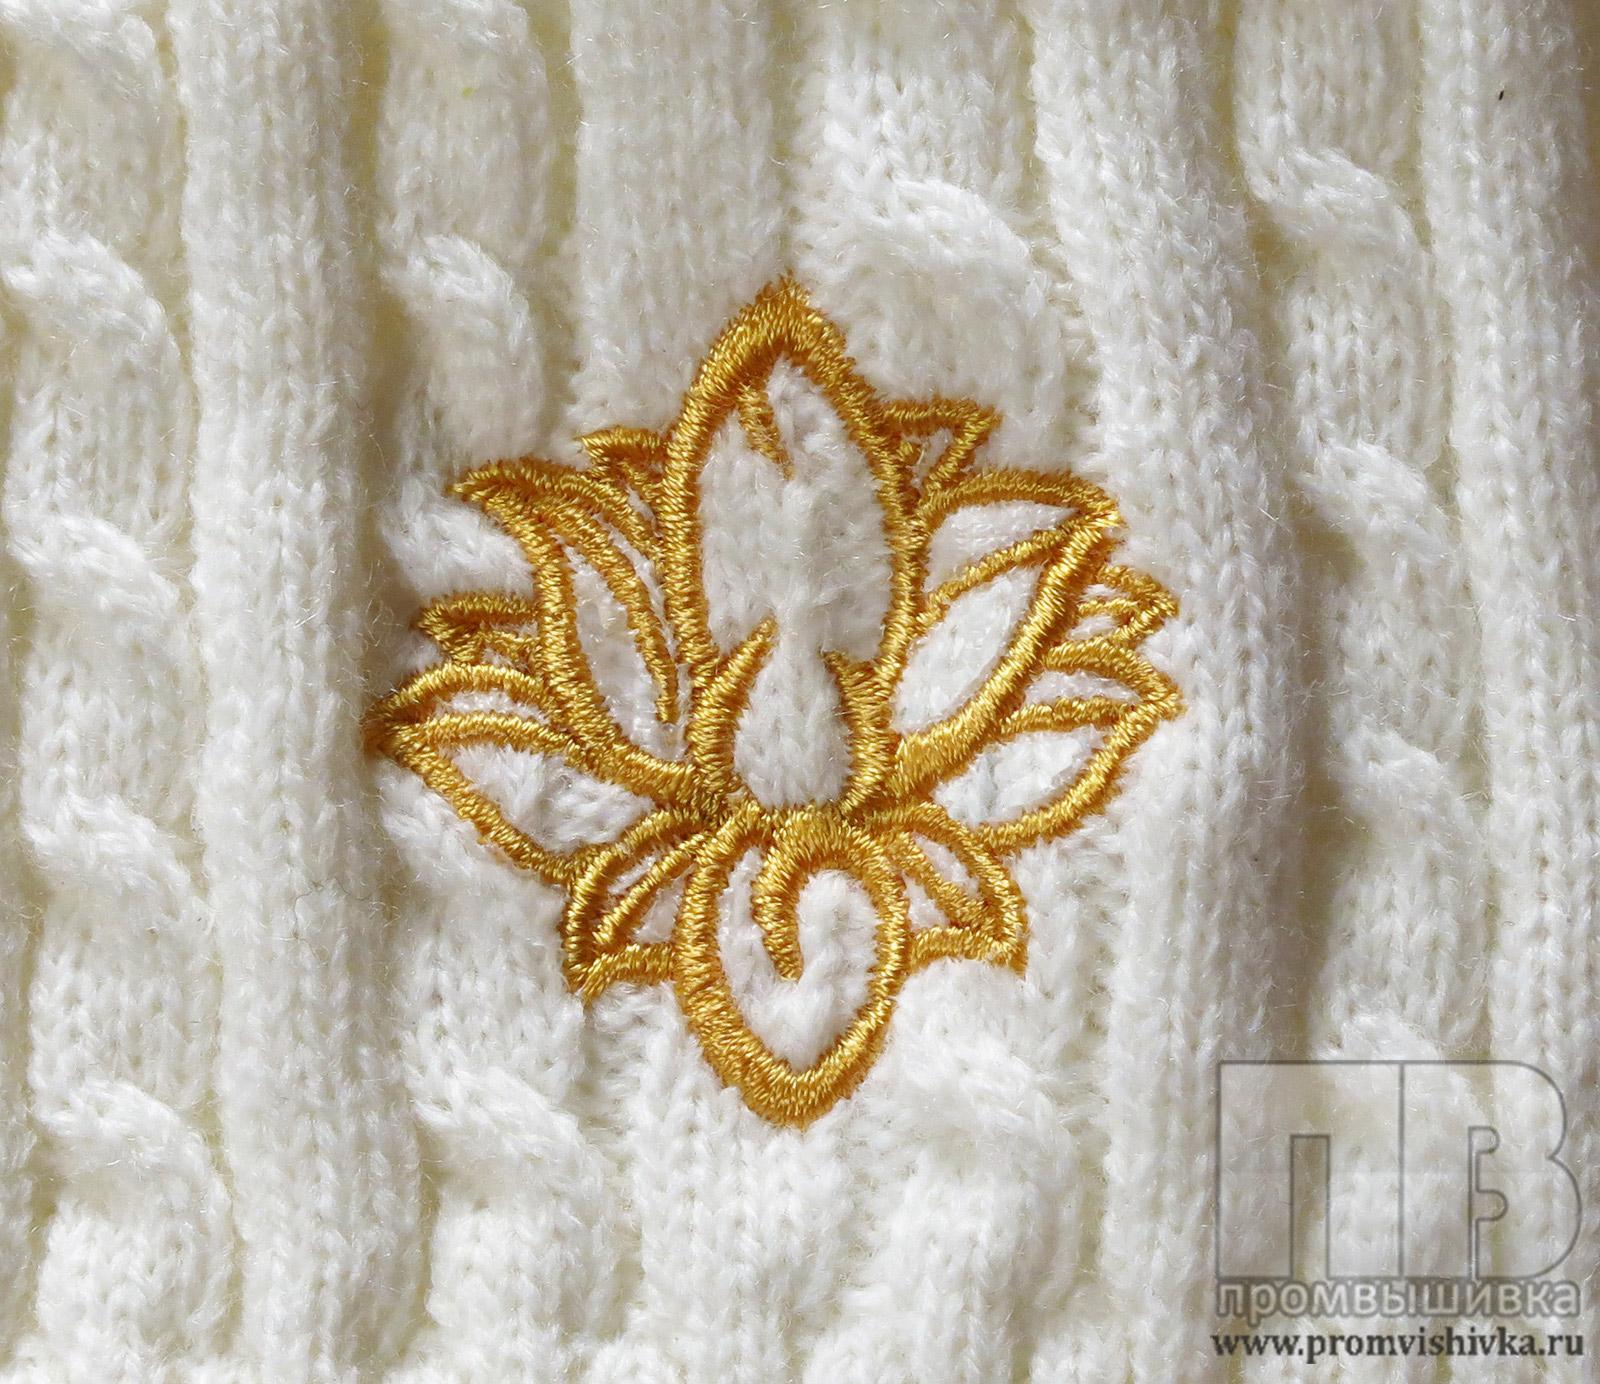 вышивка по вязаному как вышивать по вязаному полотну и на вязанных